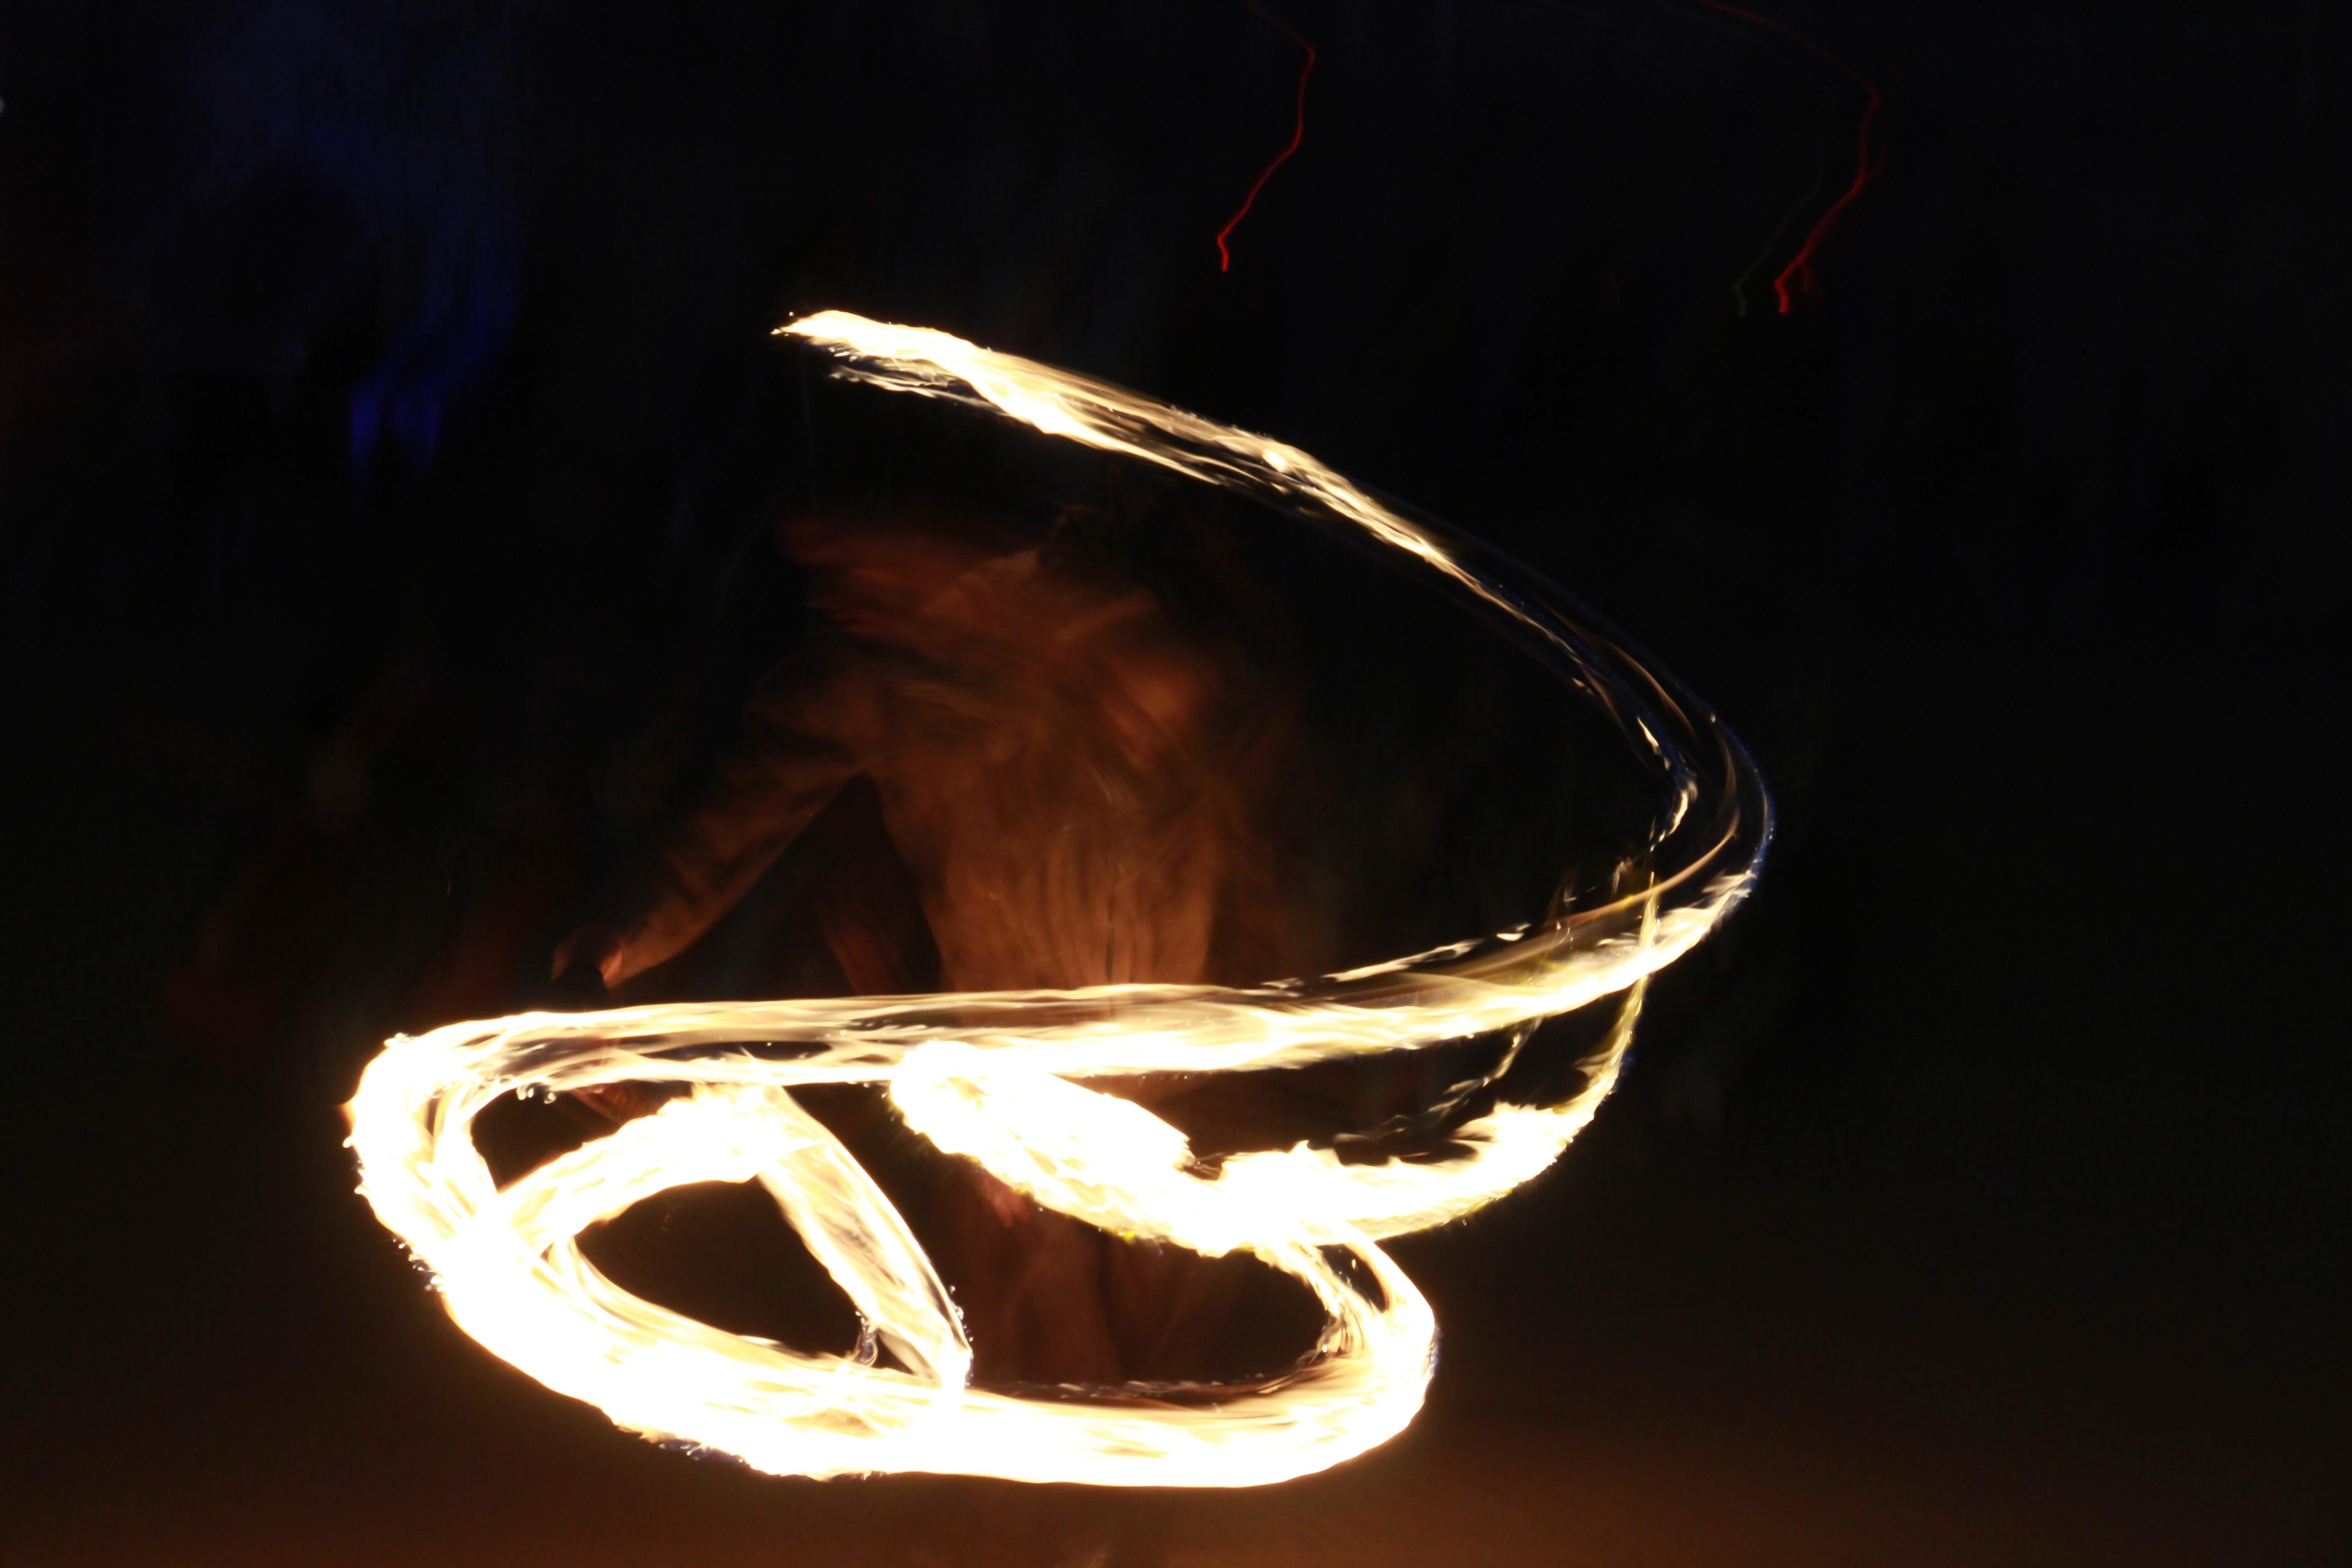 Fire Dancing in the Street  | Light Festival 2016 - Lyon